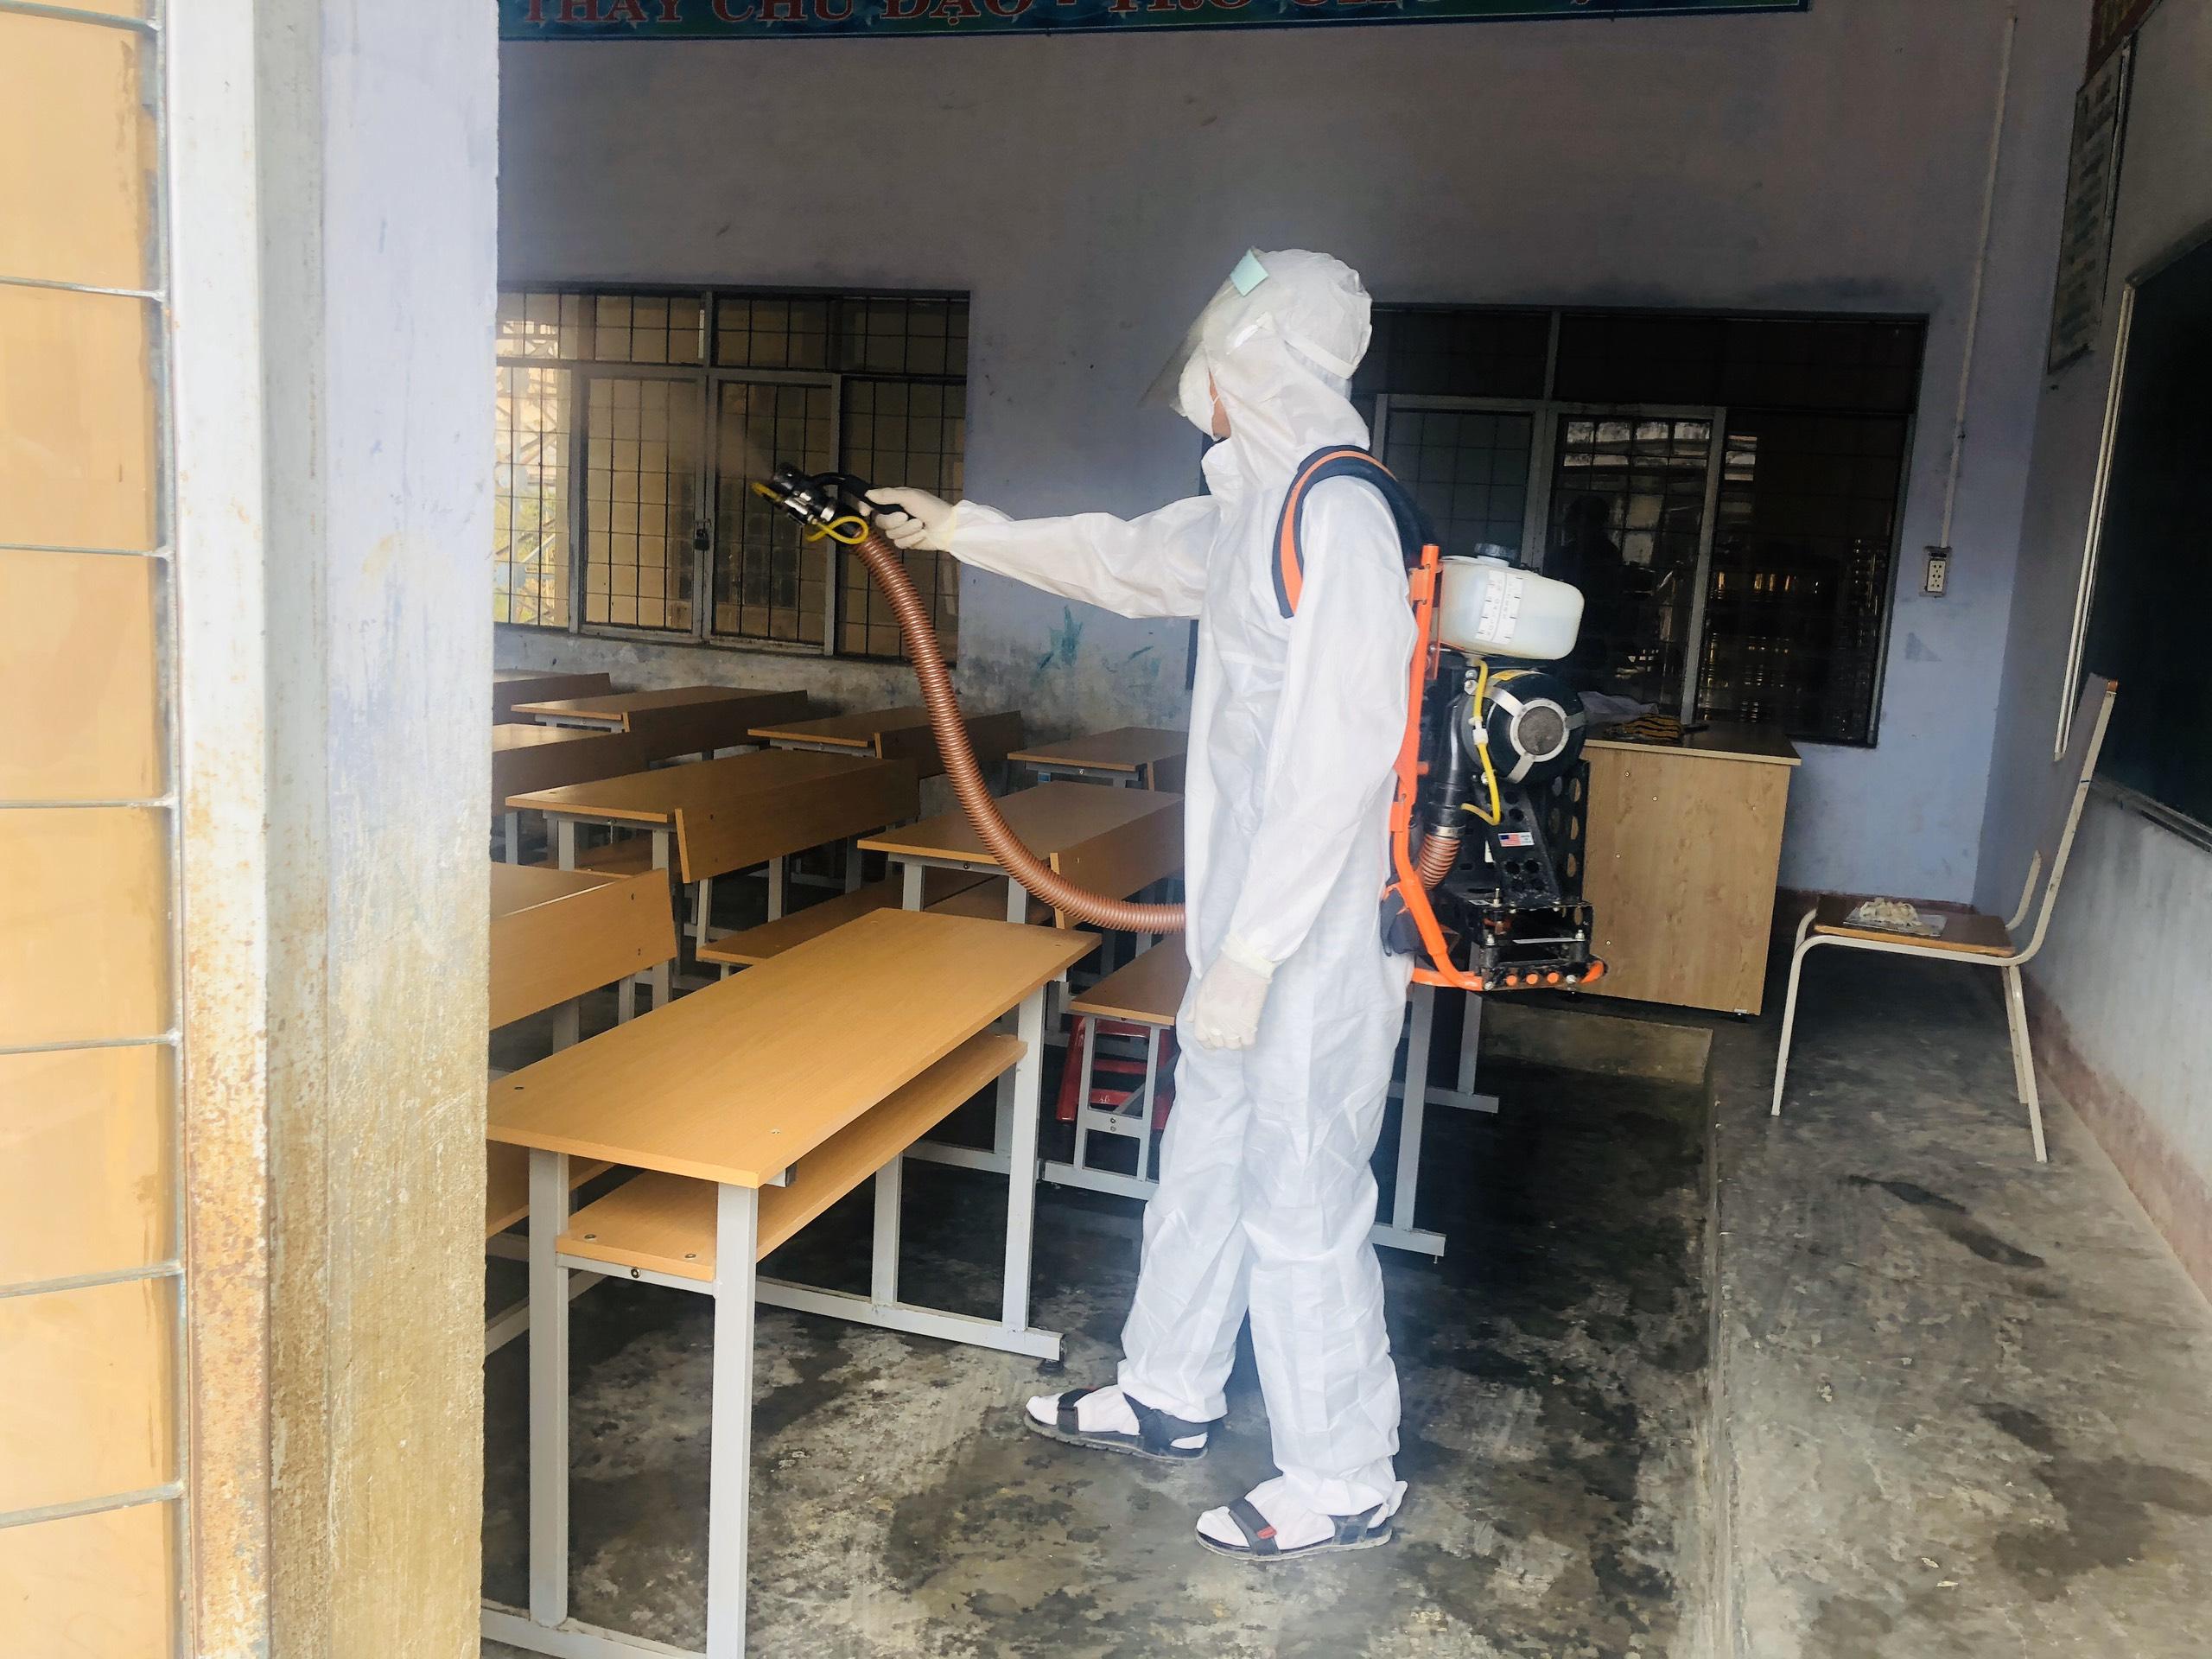 Trường Đại học Tây Nguyên cho học sinh, sinh viên, nghiên cứu sinh tạm nghỉ học để phòng chống dịch bệnh Covid-19